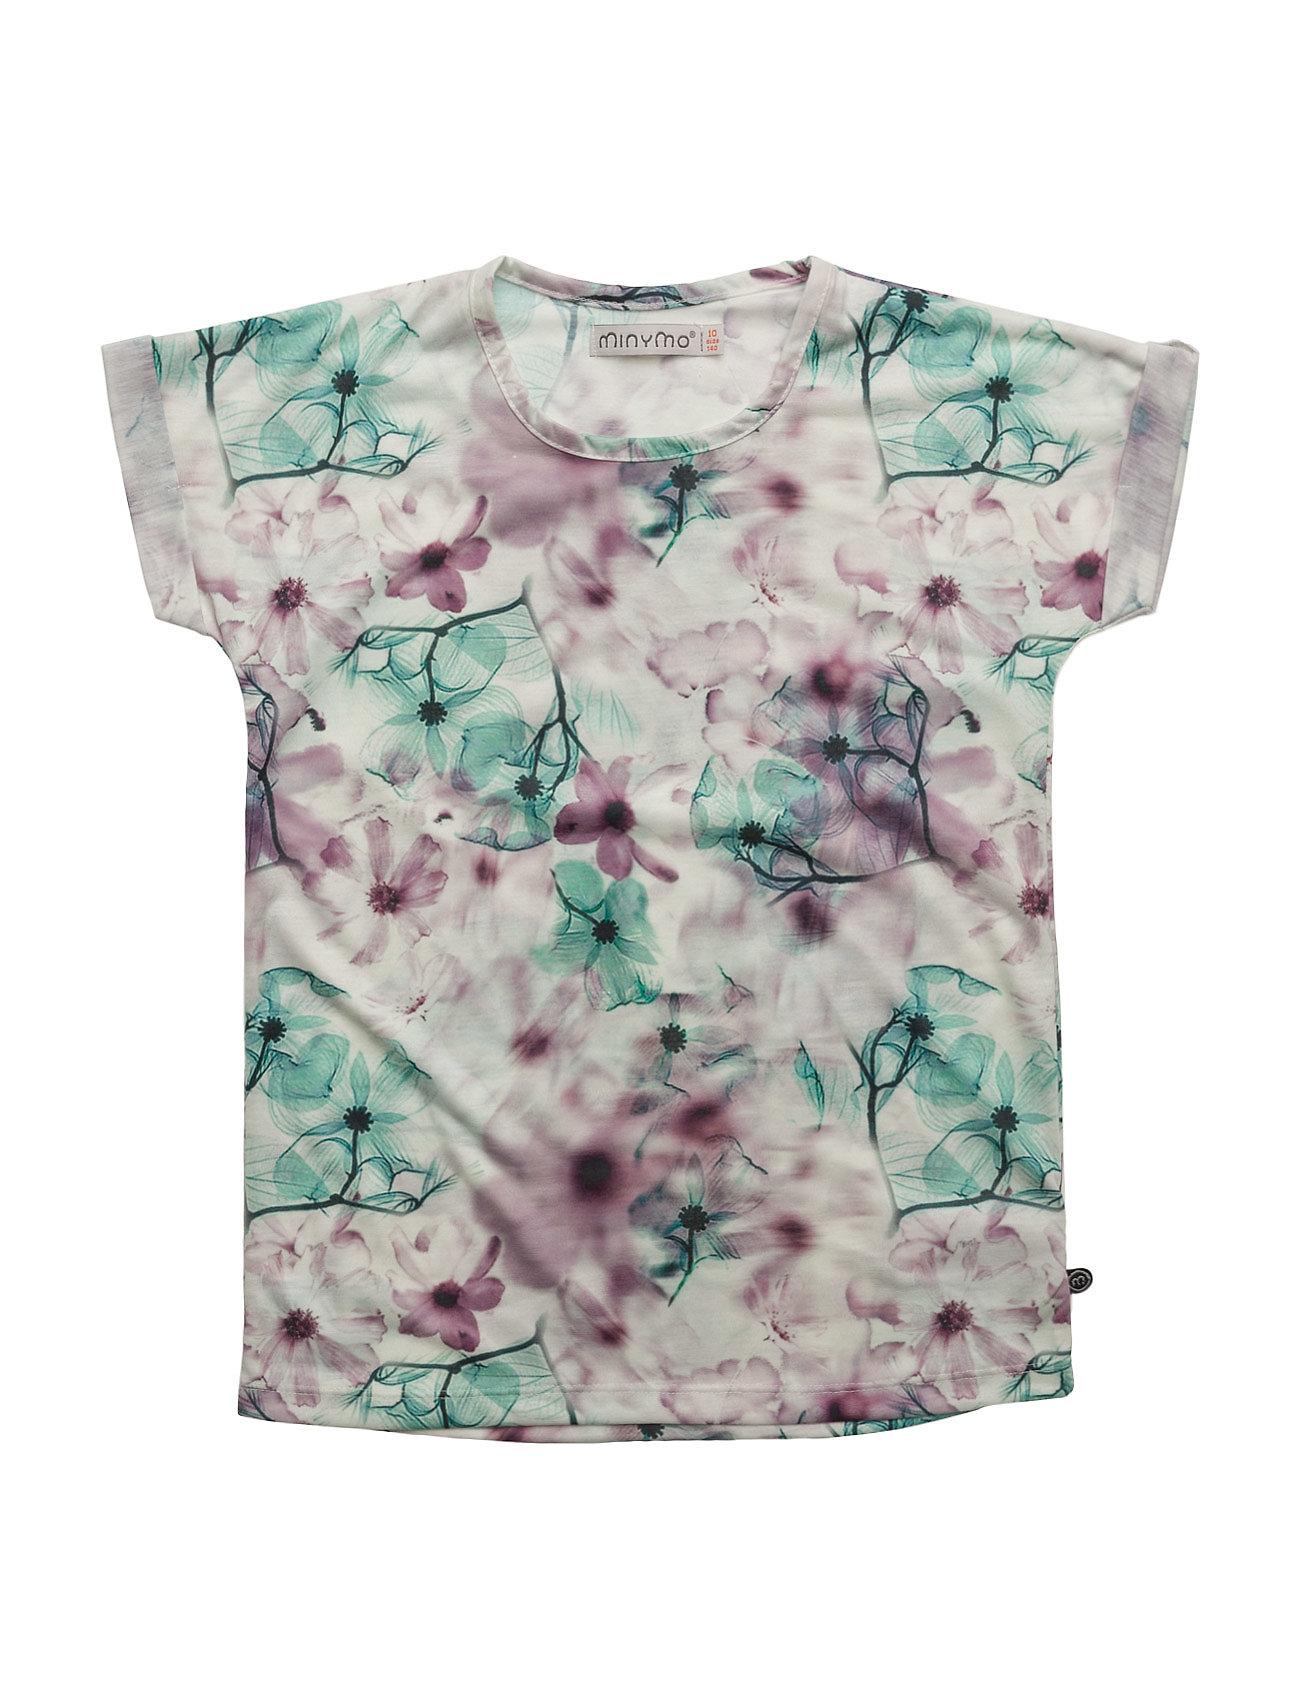 76 -T-Shirt Ss W. Aop Minymo Kortærmede t-shirts til Børn i hvid